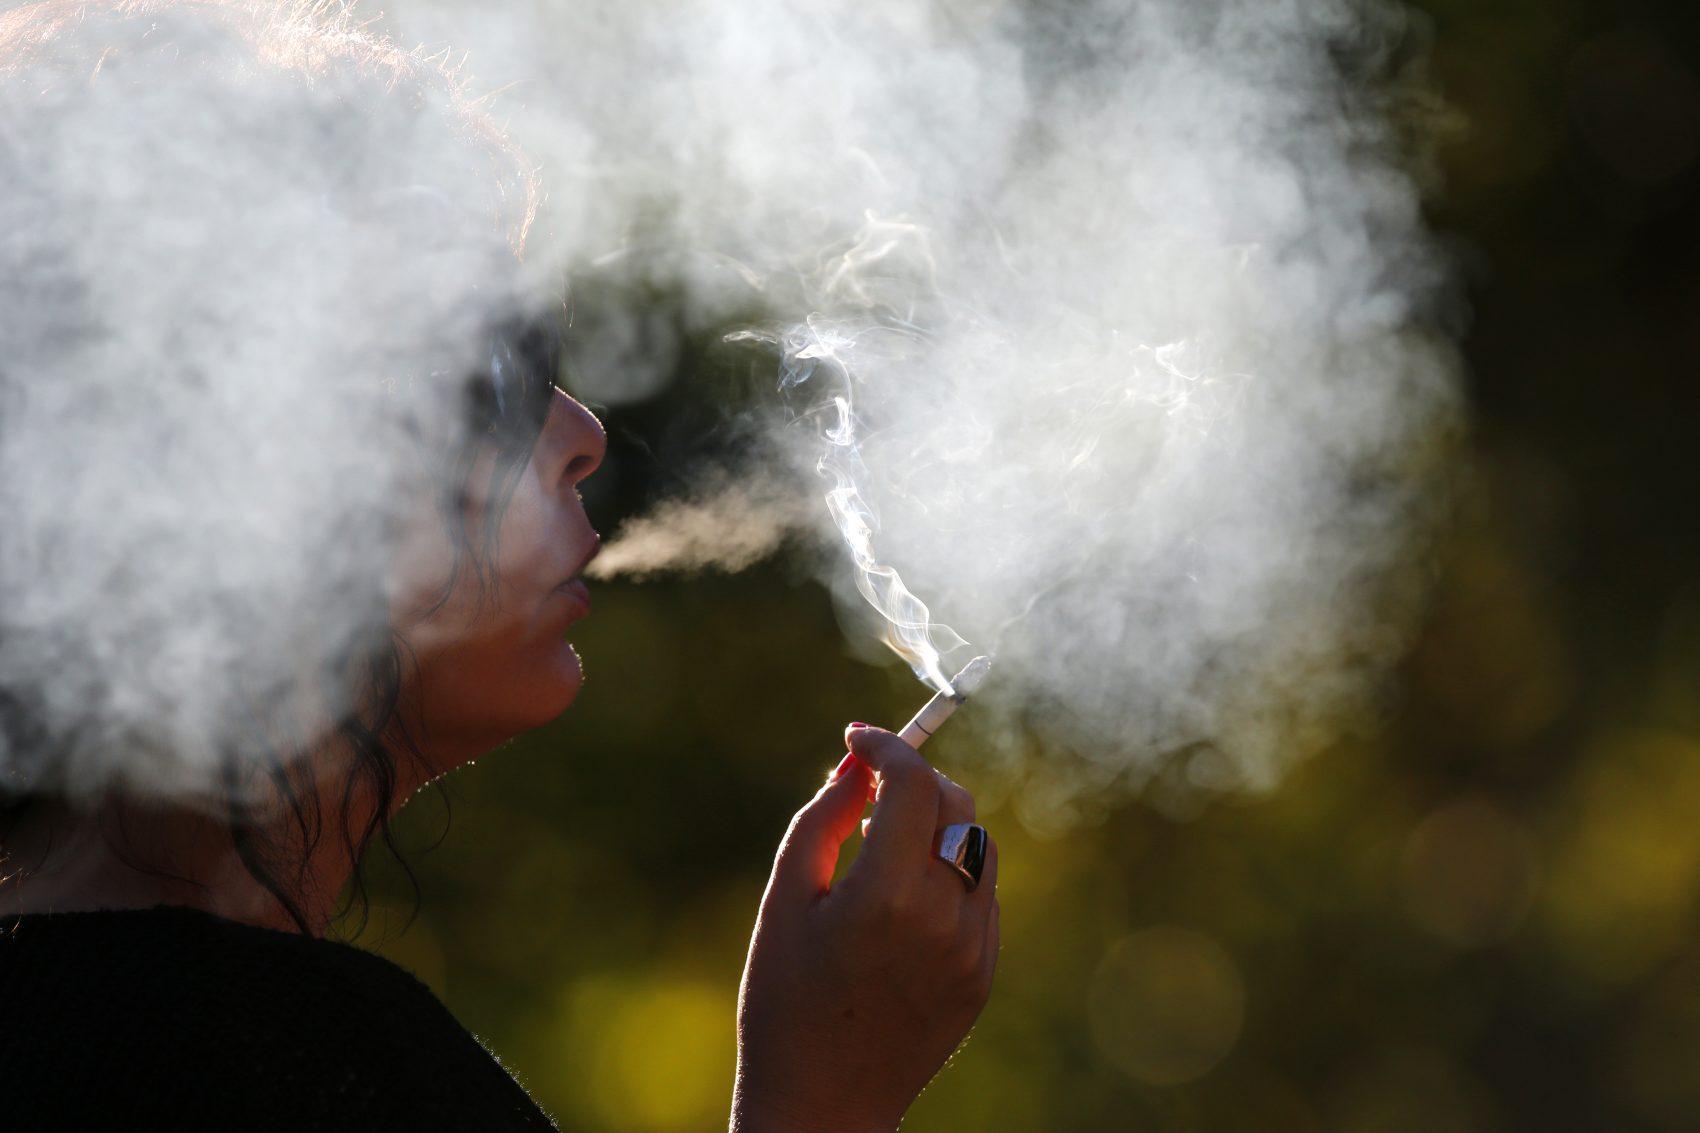 Pesquisa da UFP: fumante diferencia 1,5 menos vezes os padrões e contraste das cores em comparação com quem não fuma (Foto: GODONG/BSIP)